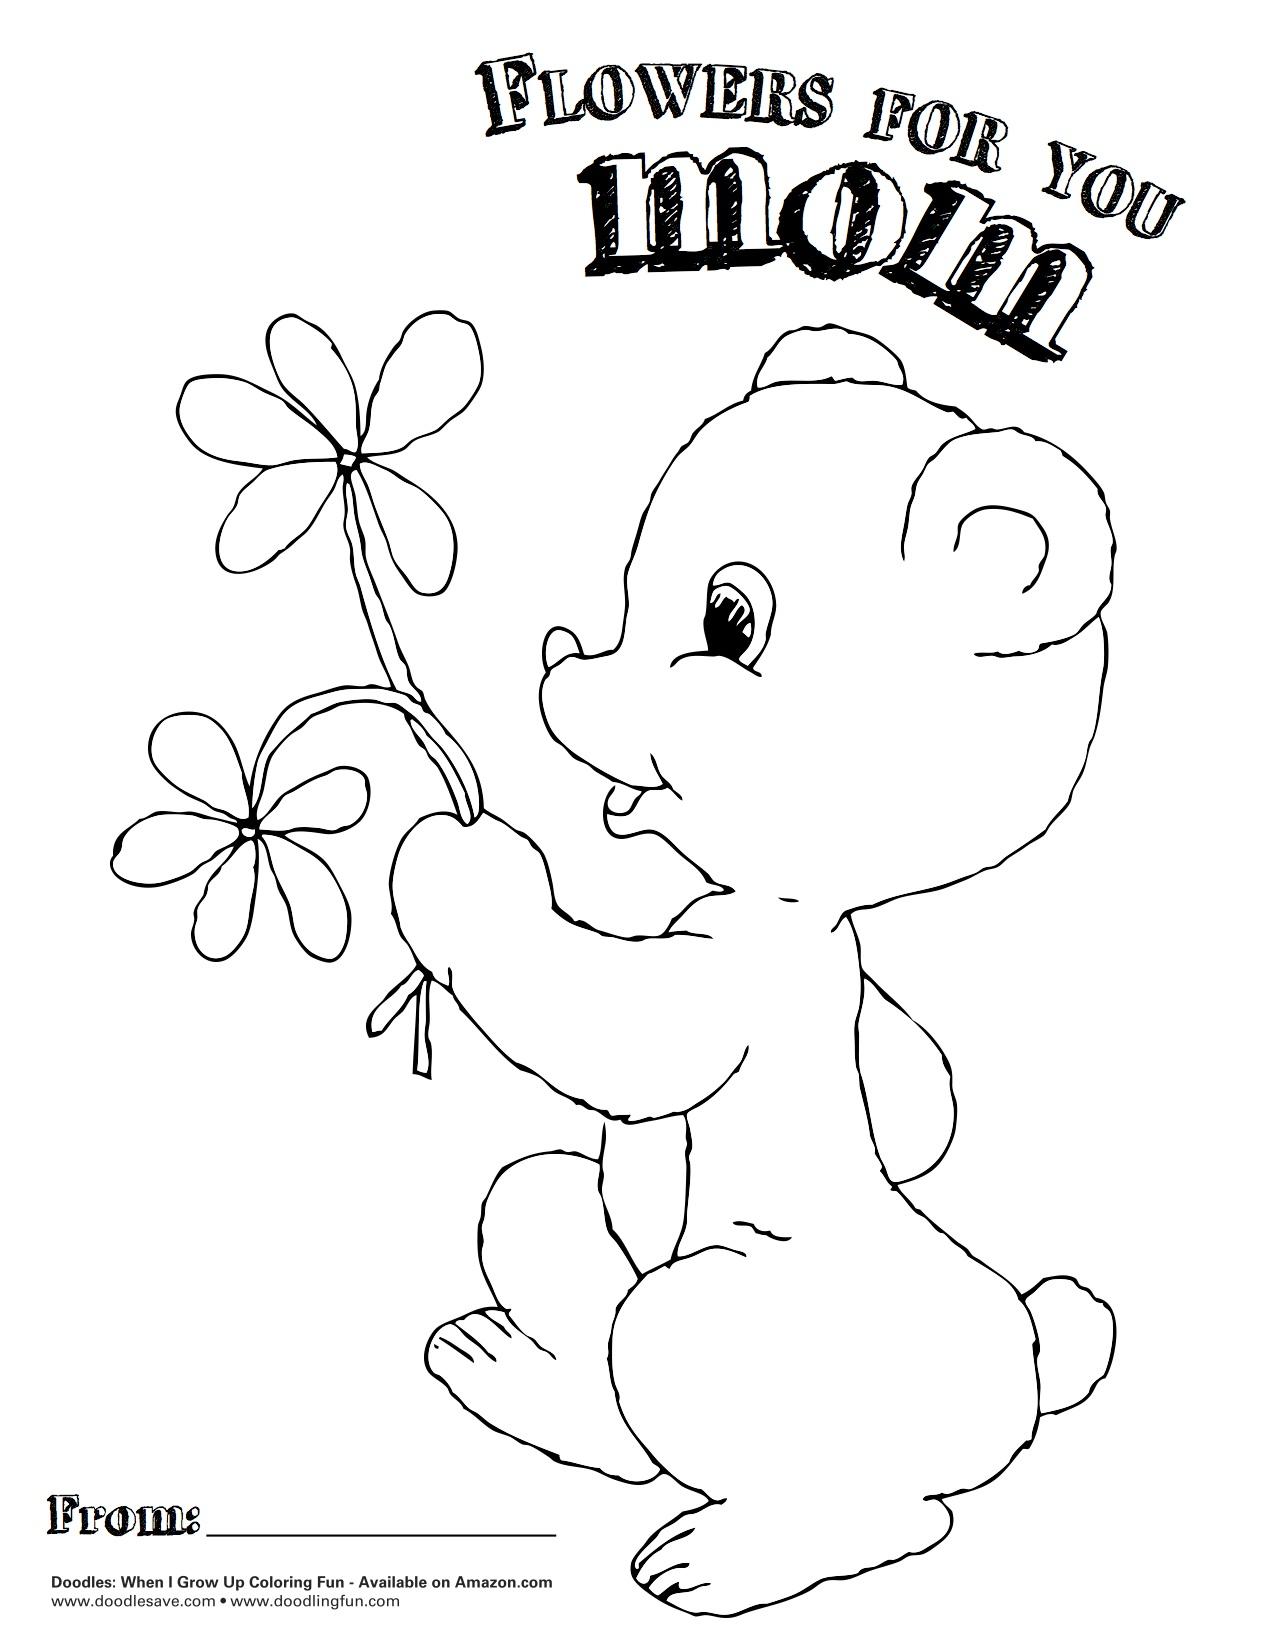 Bessie Coleman Delightful Doodles Coloring Fun Pinterest